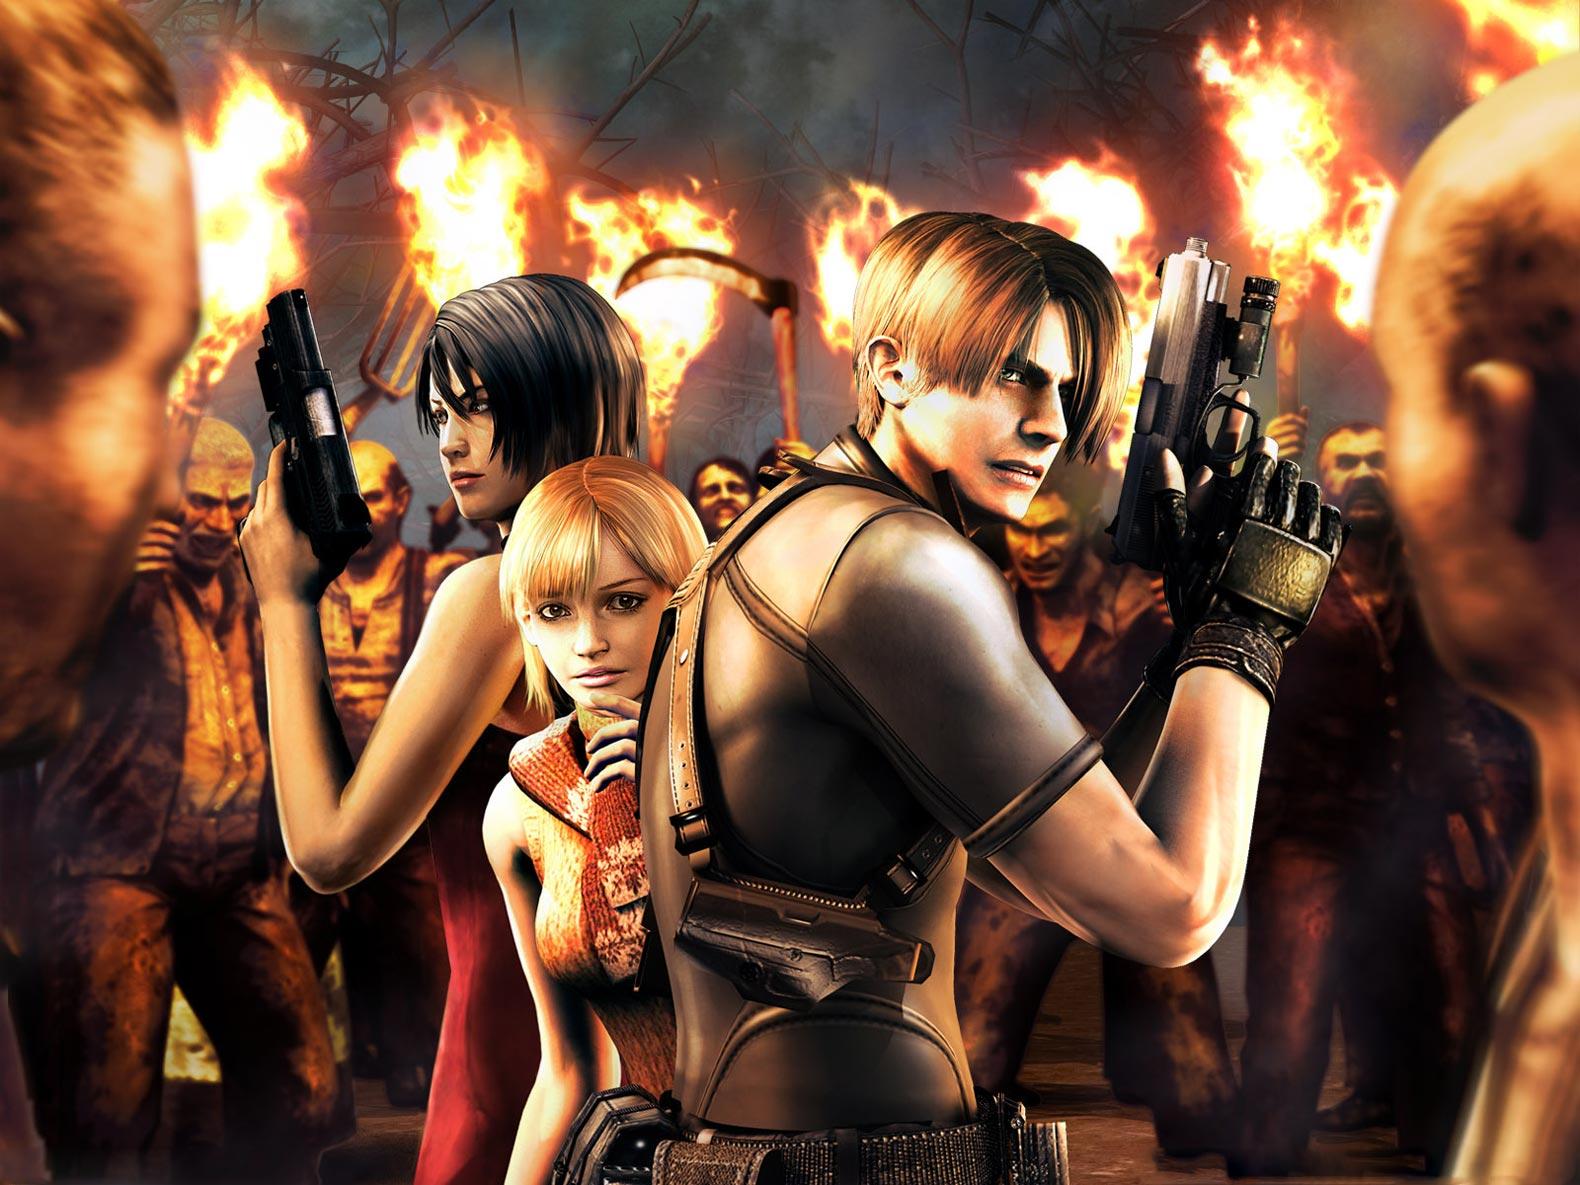 Wallpaper Resident Evil 4 06 1600 Resident Evil Ultratumba 3d 1580x1185